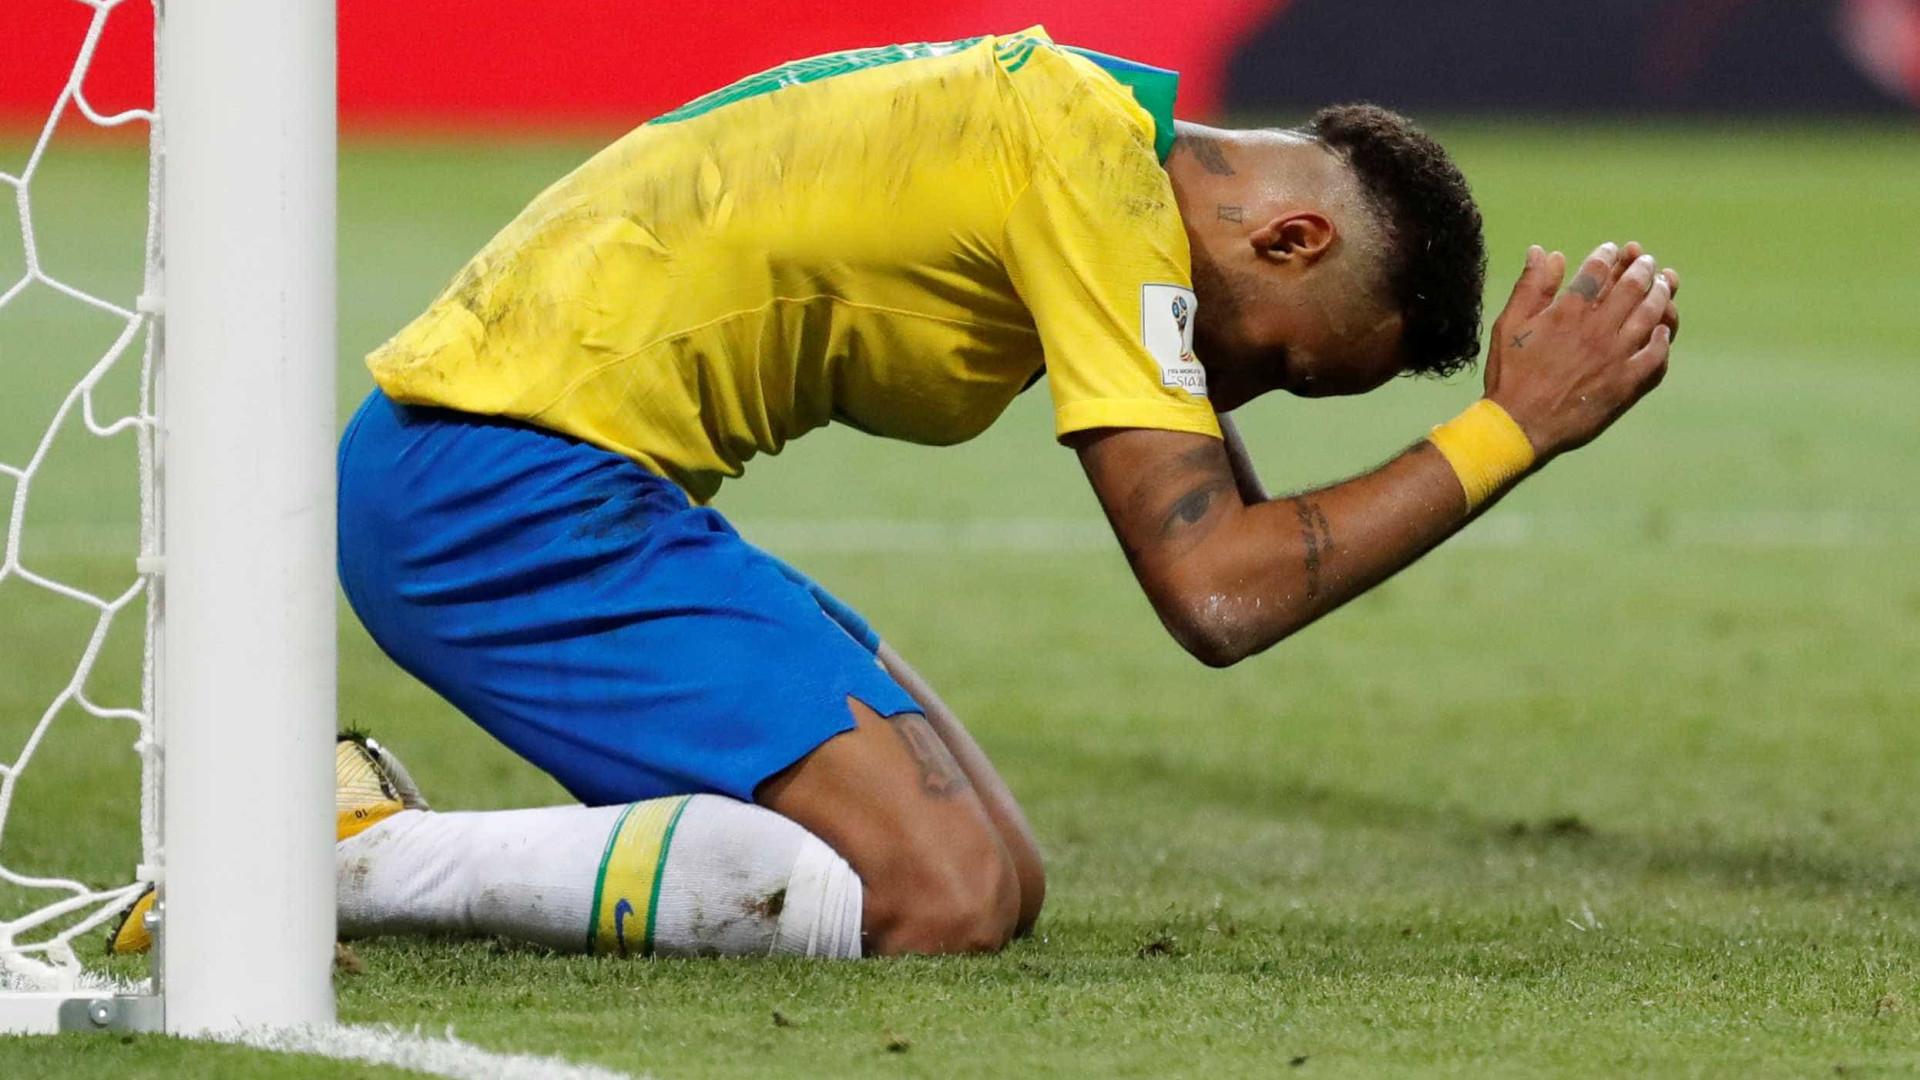 Escondido no Brasil e pressionado na França, Neymar tenta virada